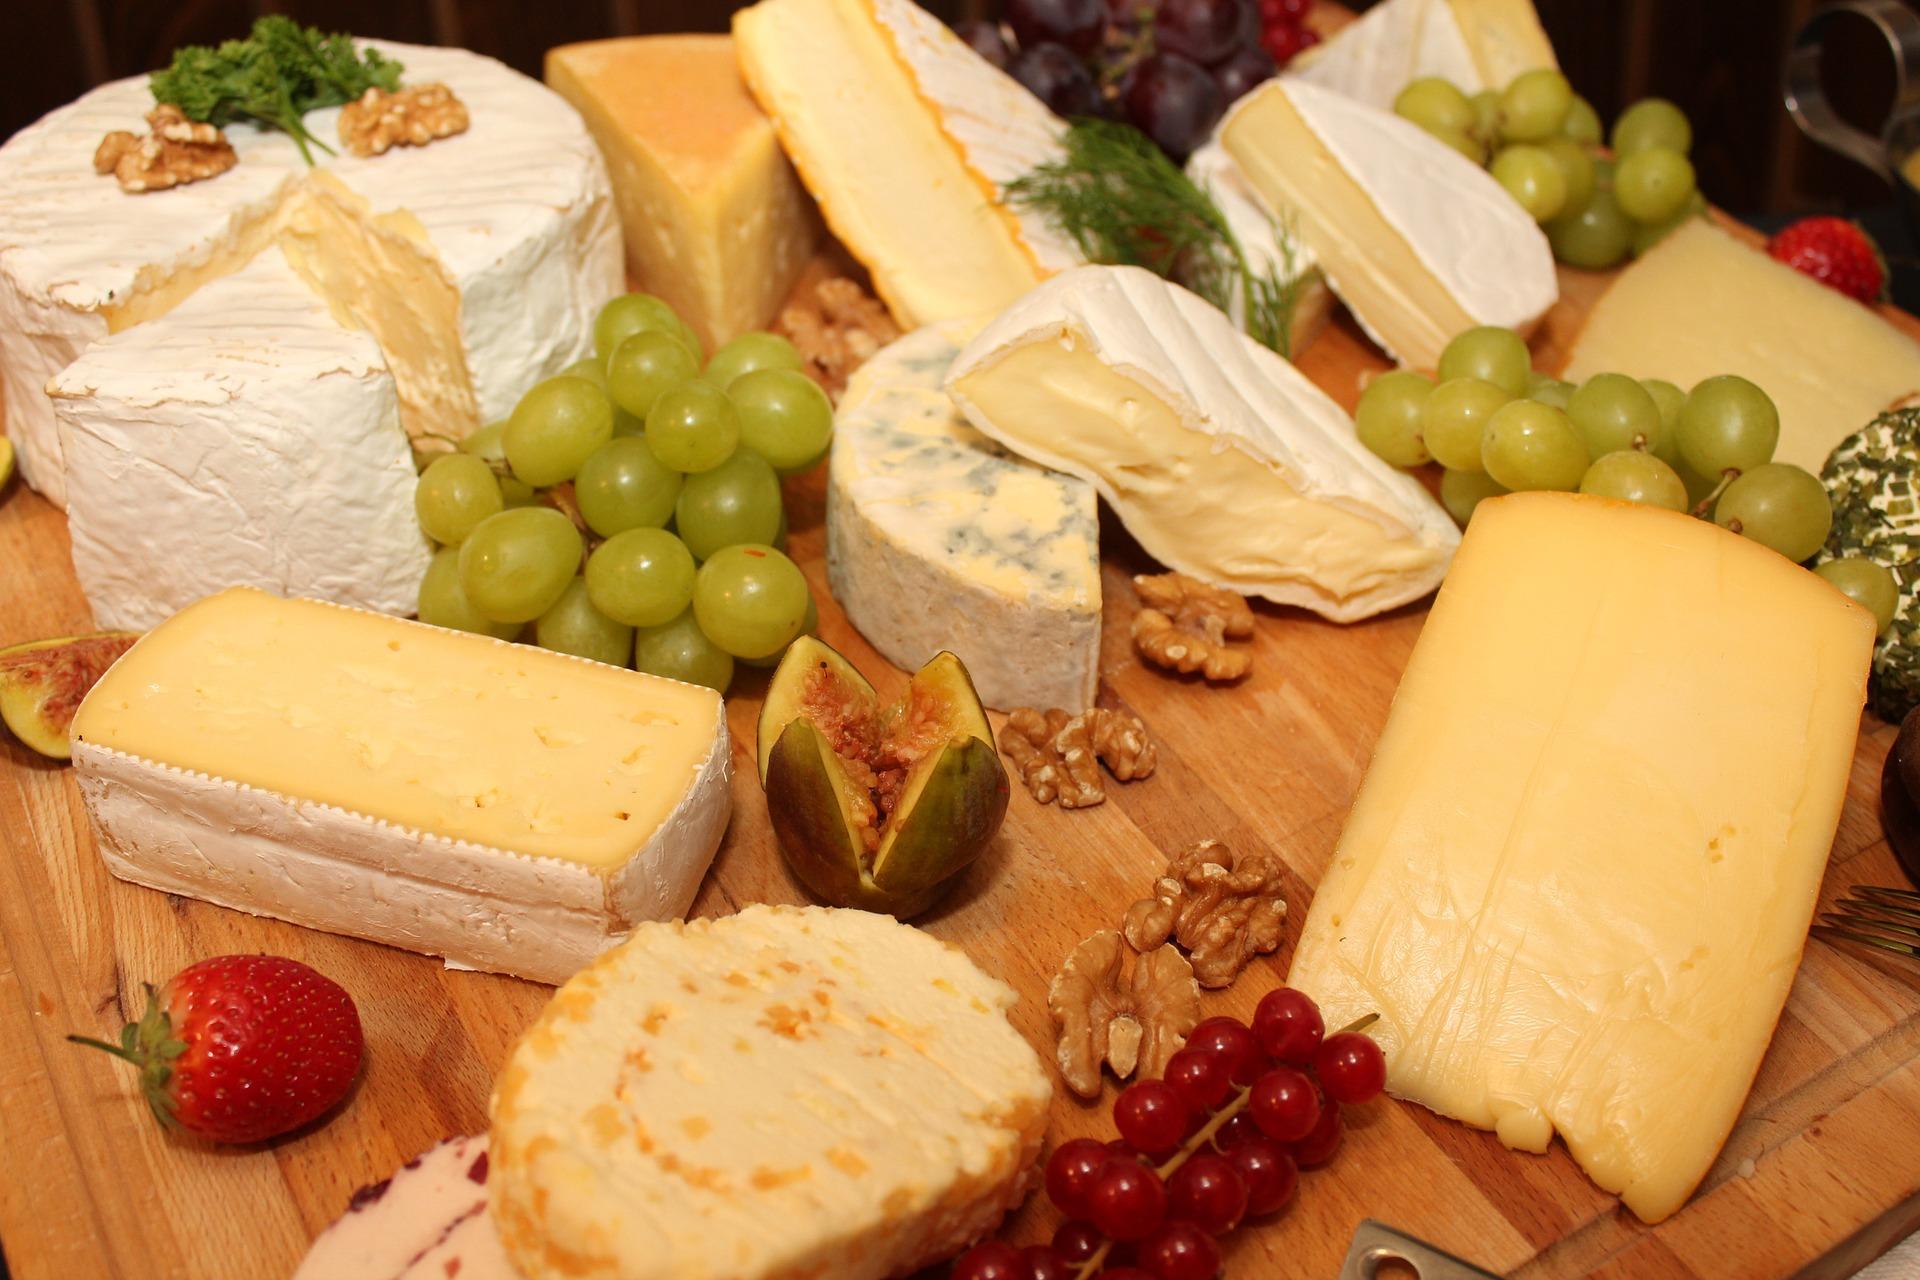 Soft Cheeses | © HNBS pixabay.com